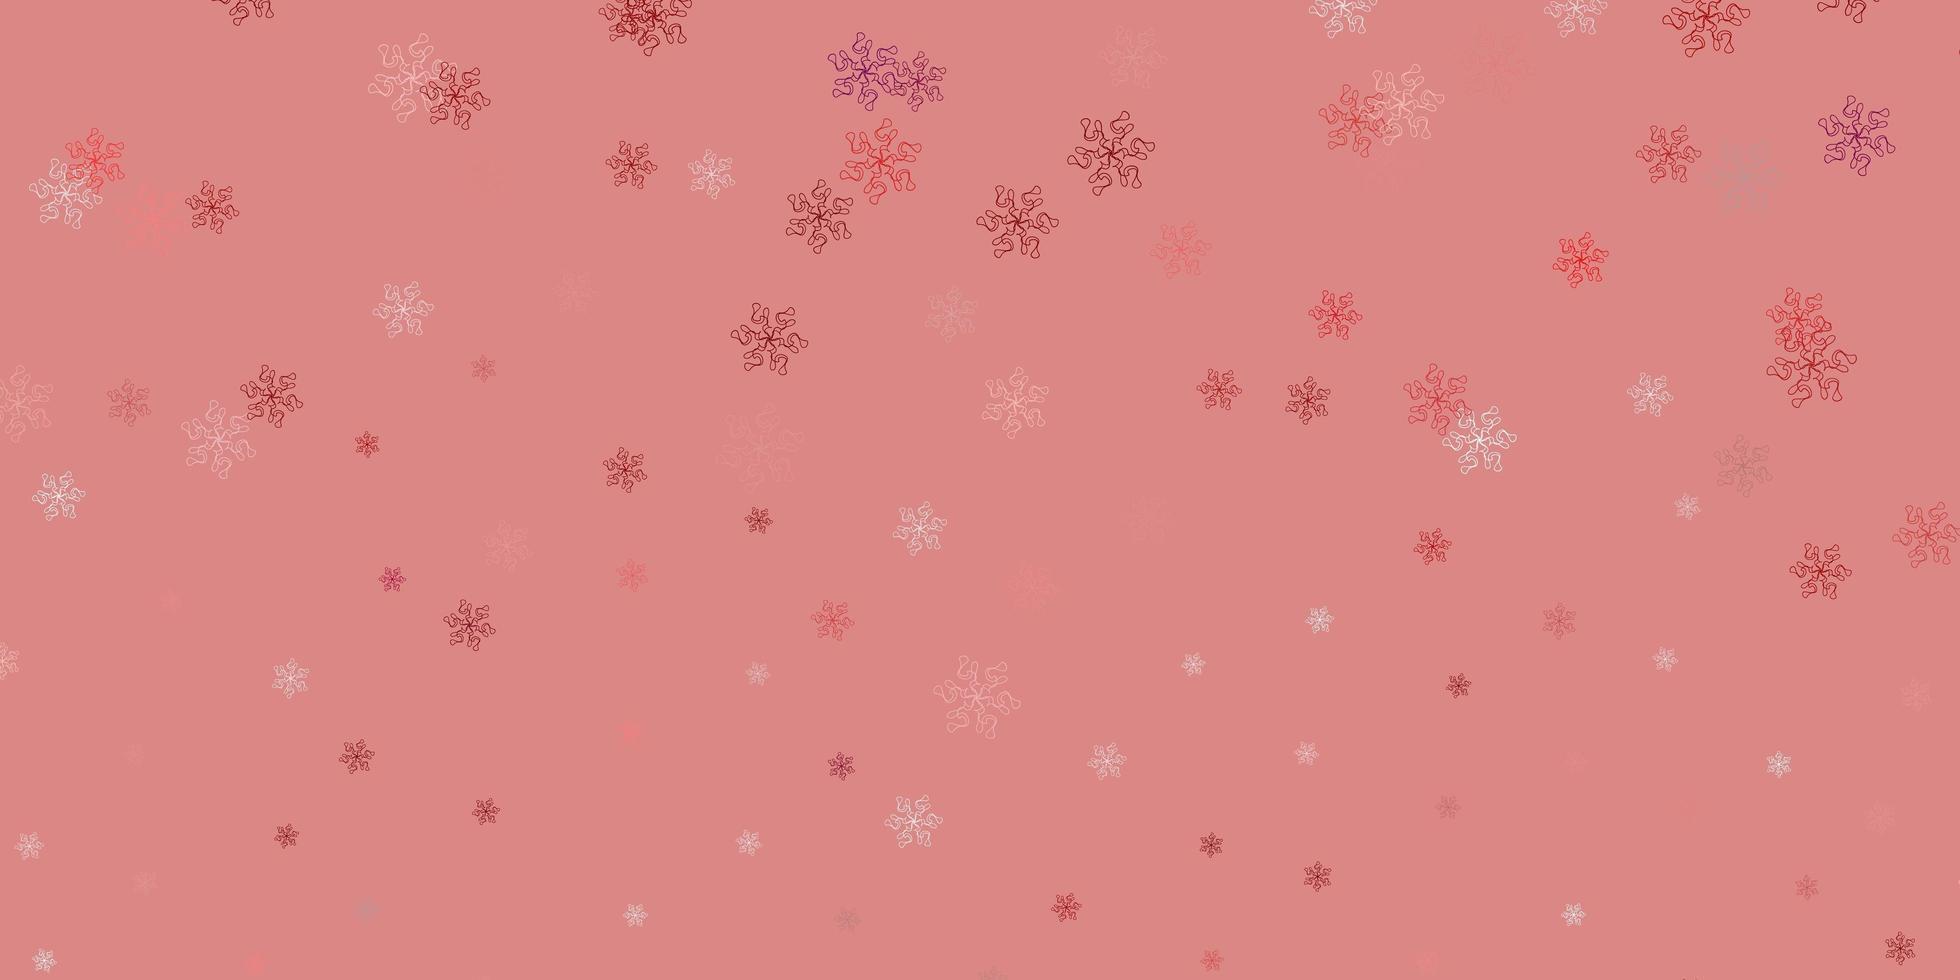 plantilla de doodle de vector rosa claro, rojo con flores.